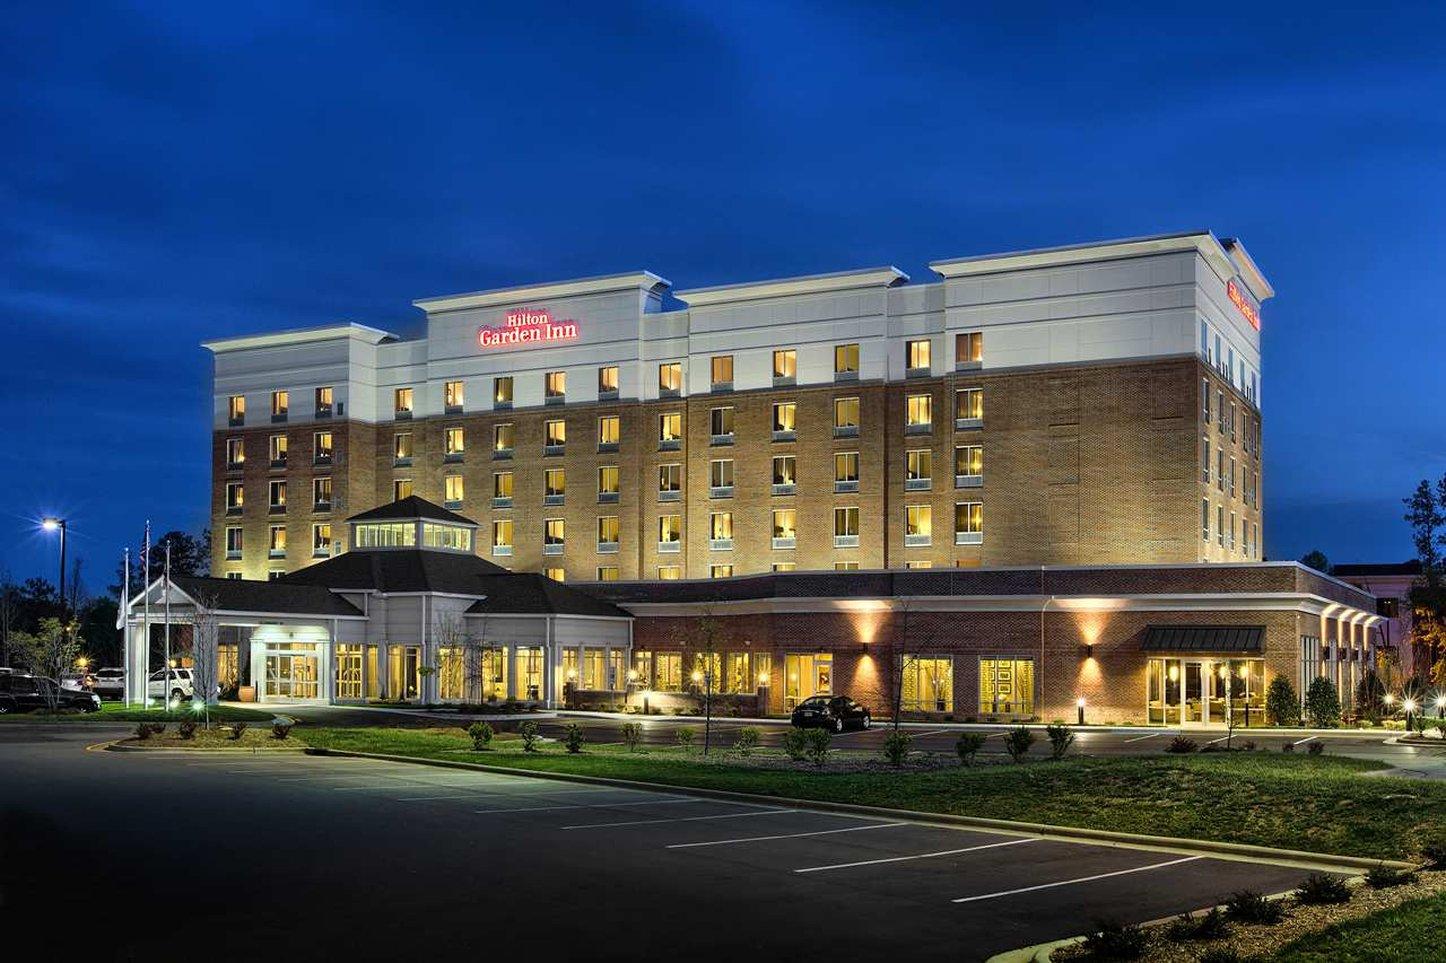 Hilton Garden Inn Cary